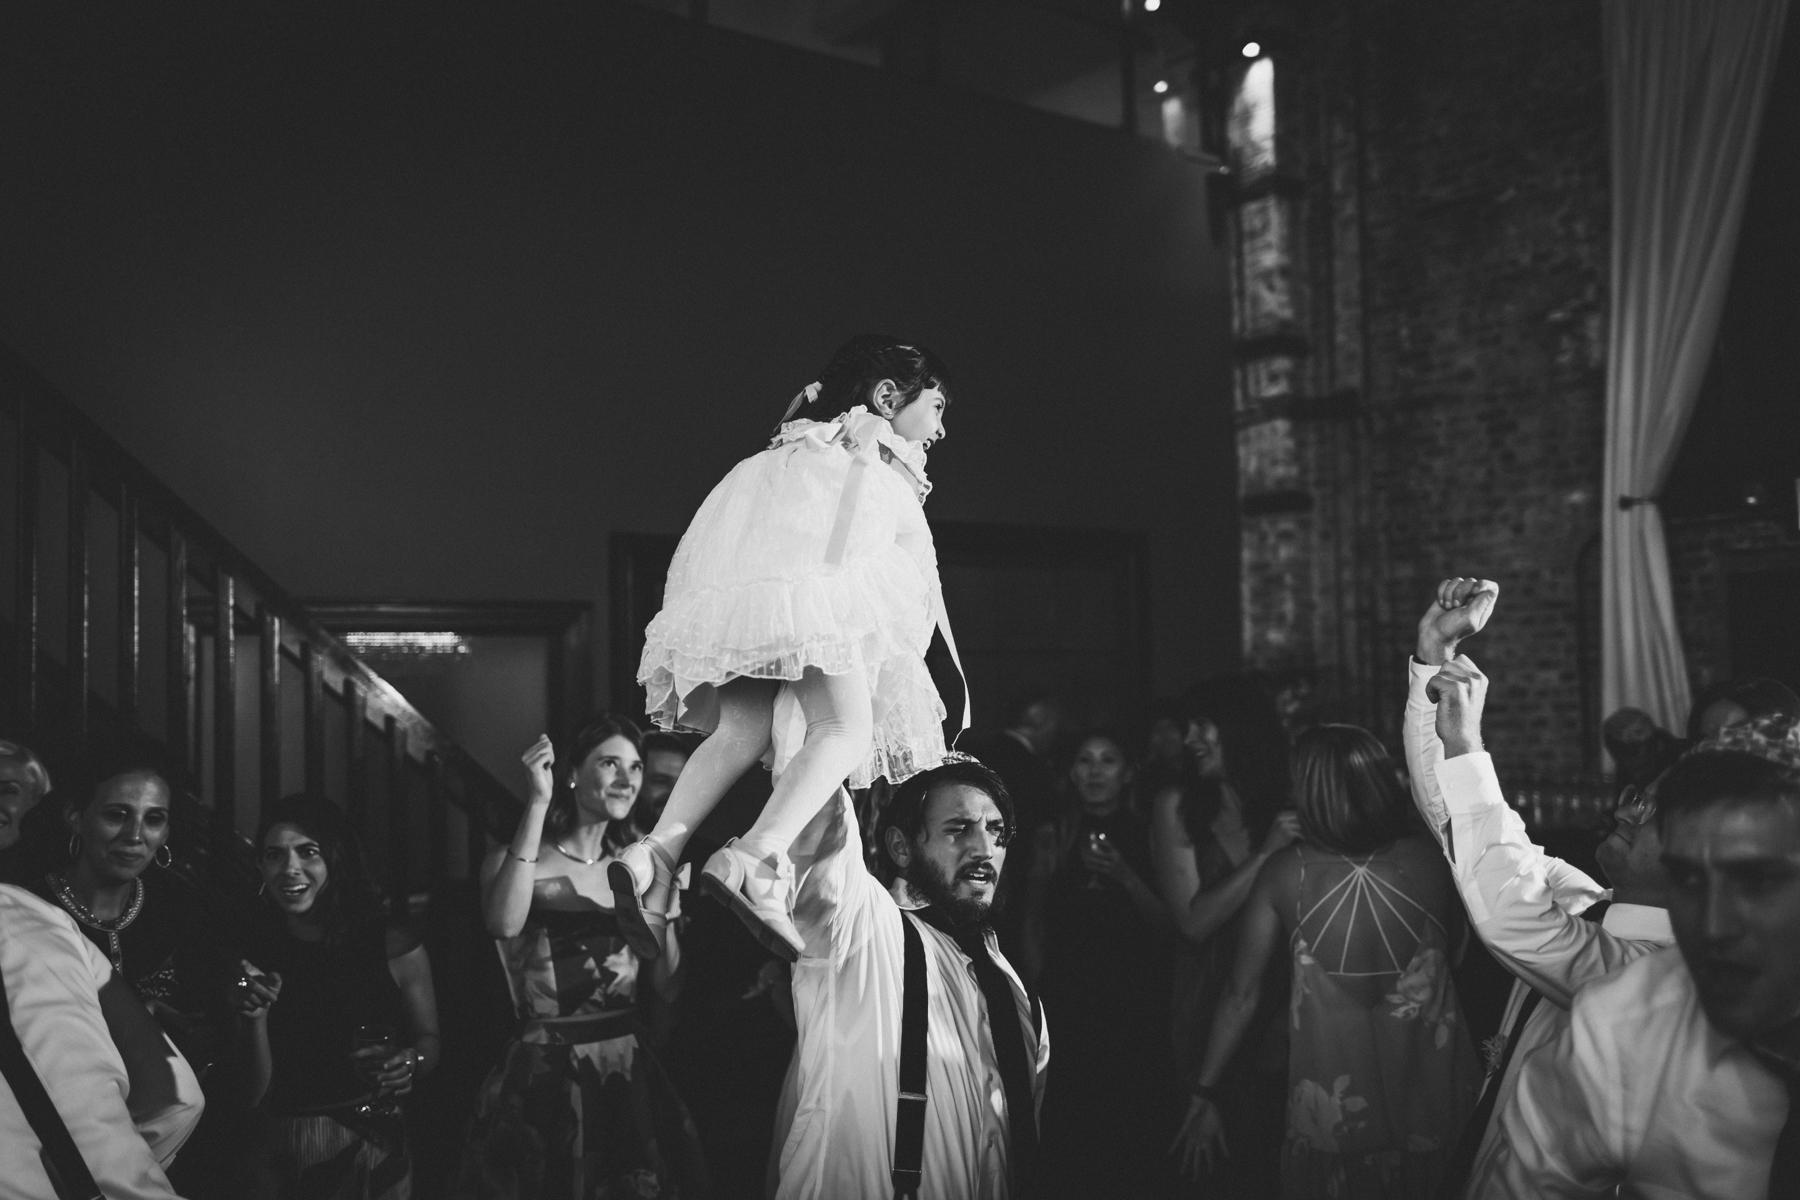 Wythe-Hotel-Green-Building-Brooklyn-Documentary-Wedding-Photography-112.jpg